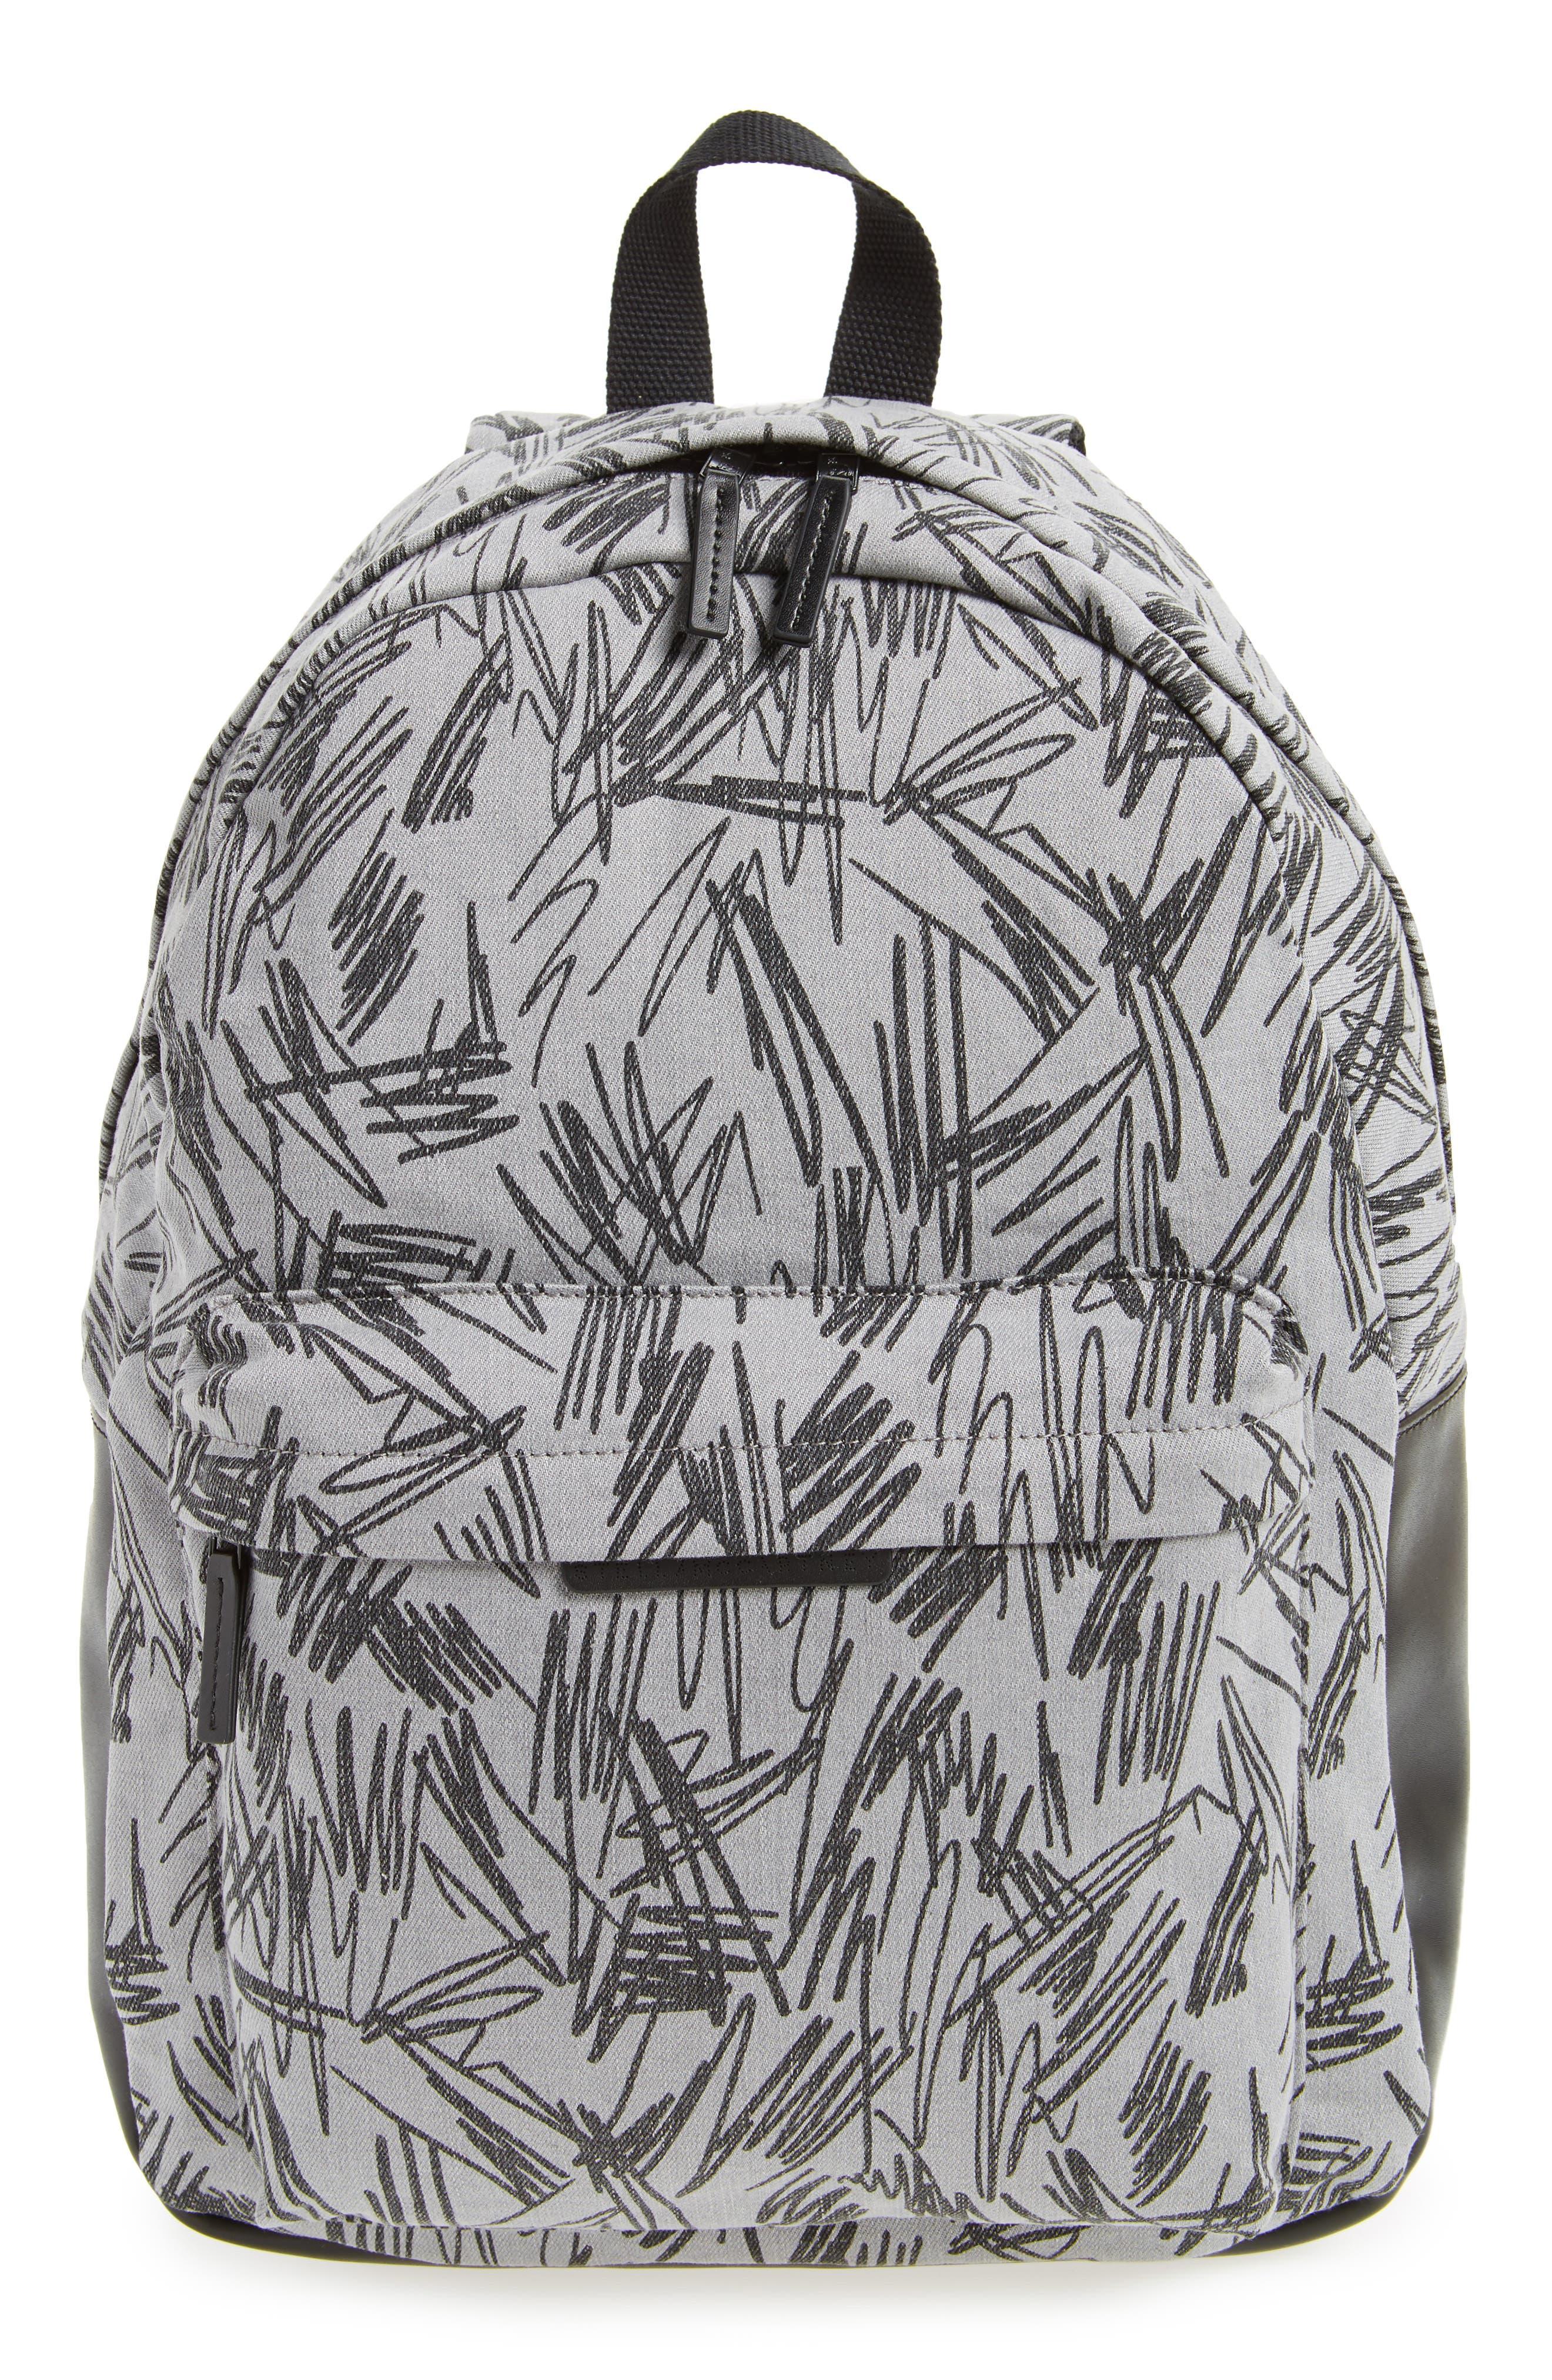 Alternate Image 1 Selected - Stella McCartney Kids Scribble Print Backpack (Kids)